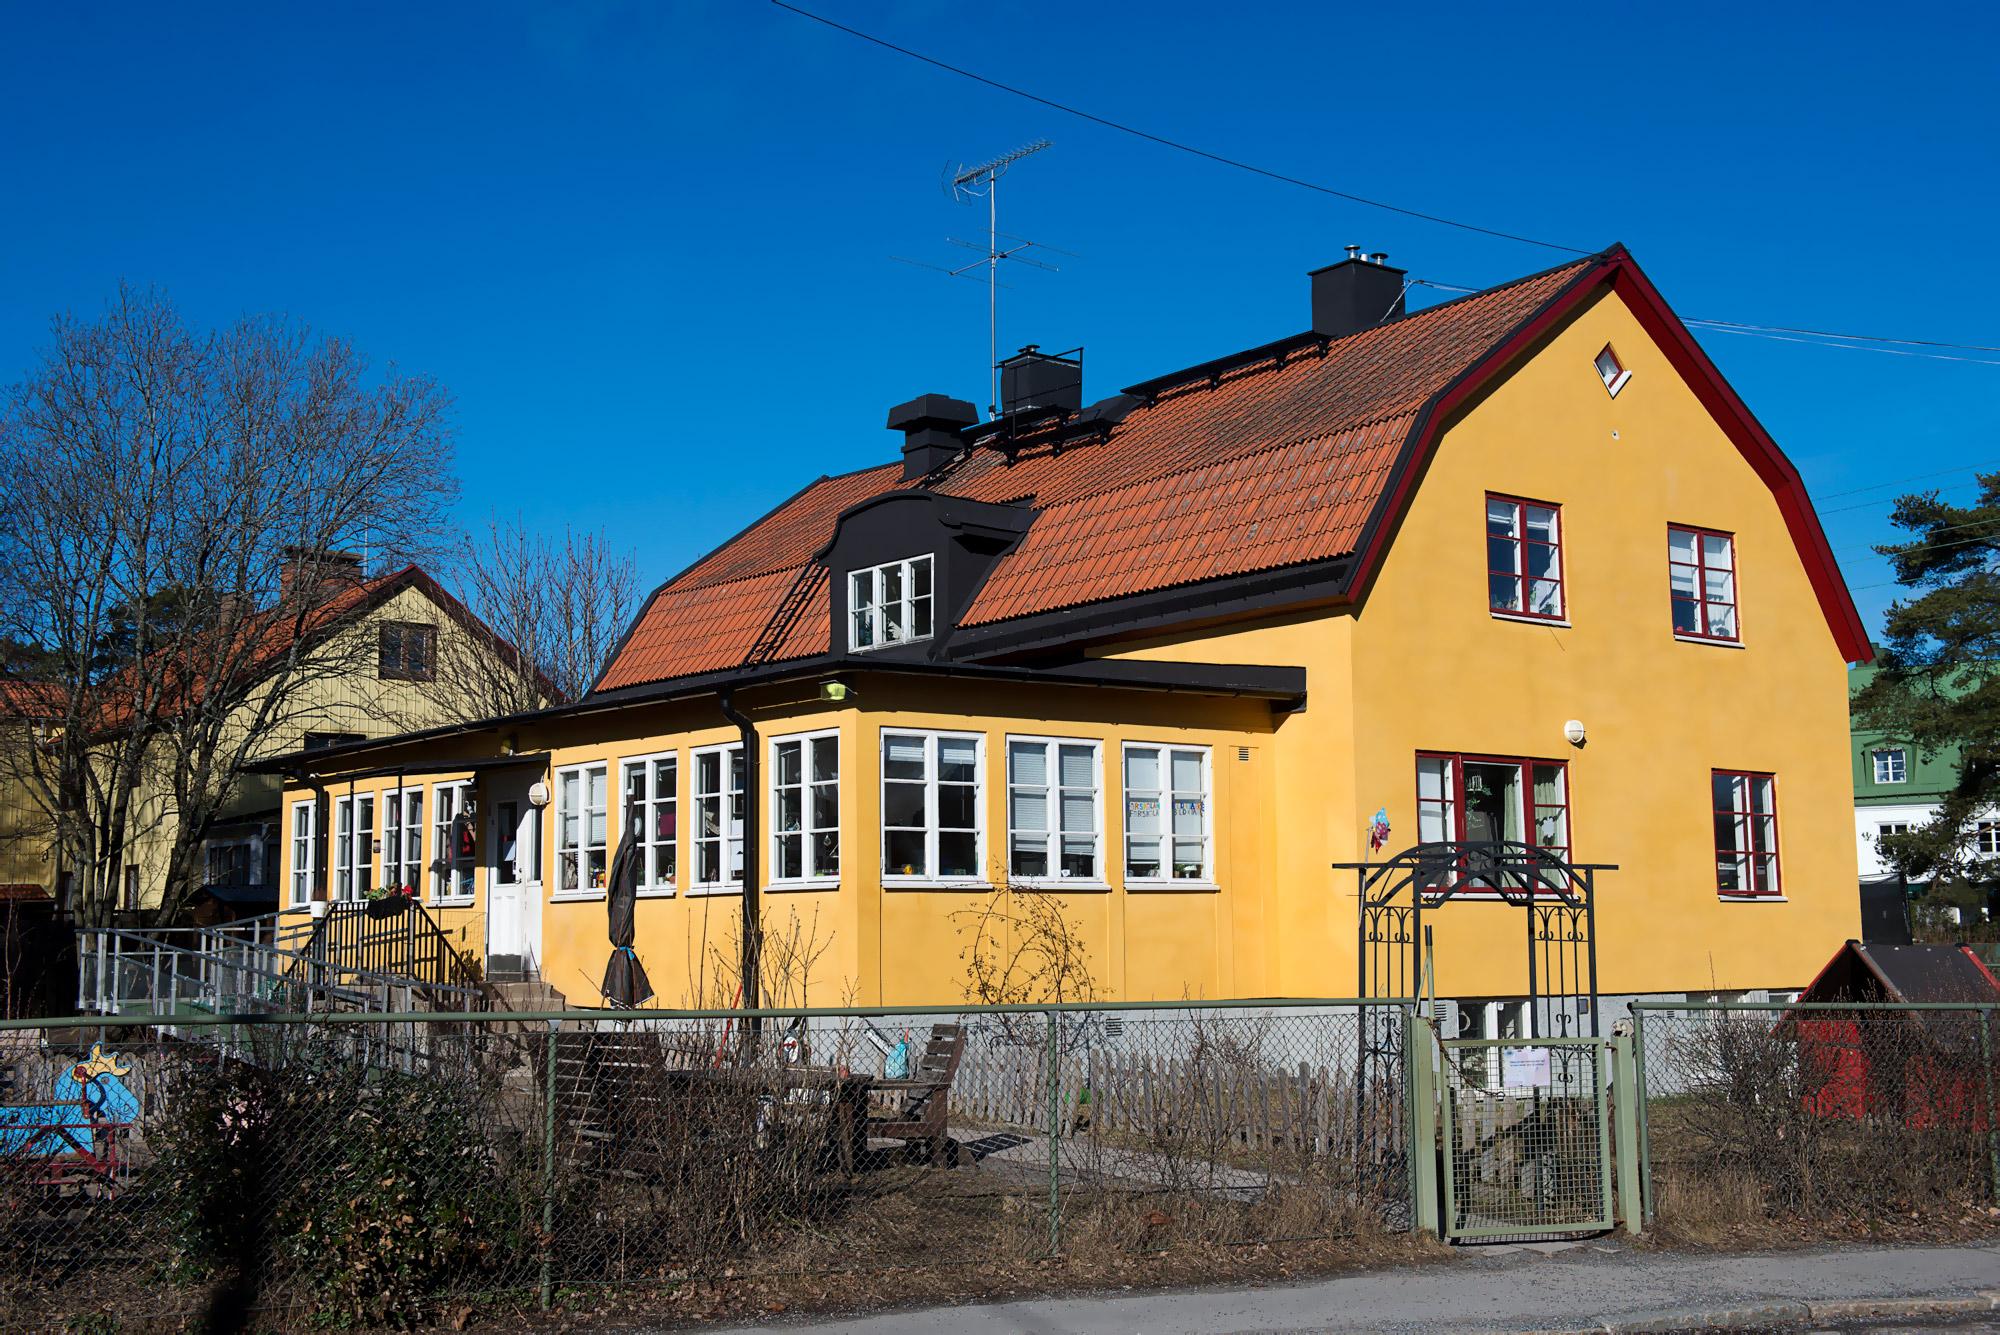 Hägerstensvägen, Stockholm